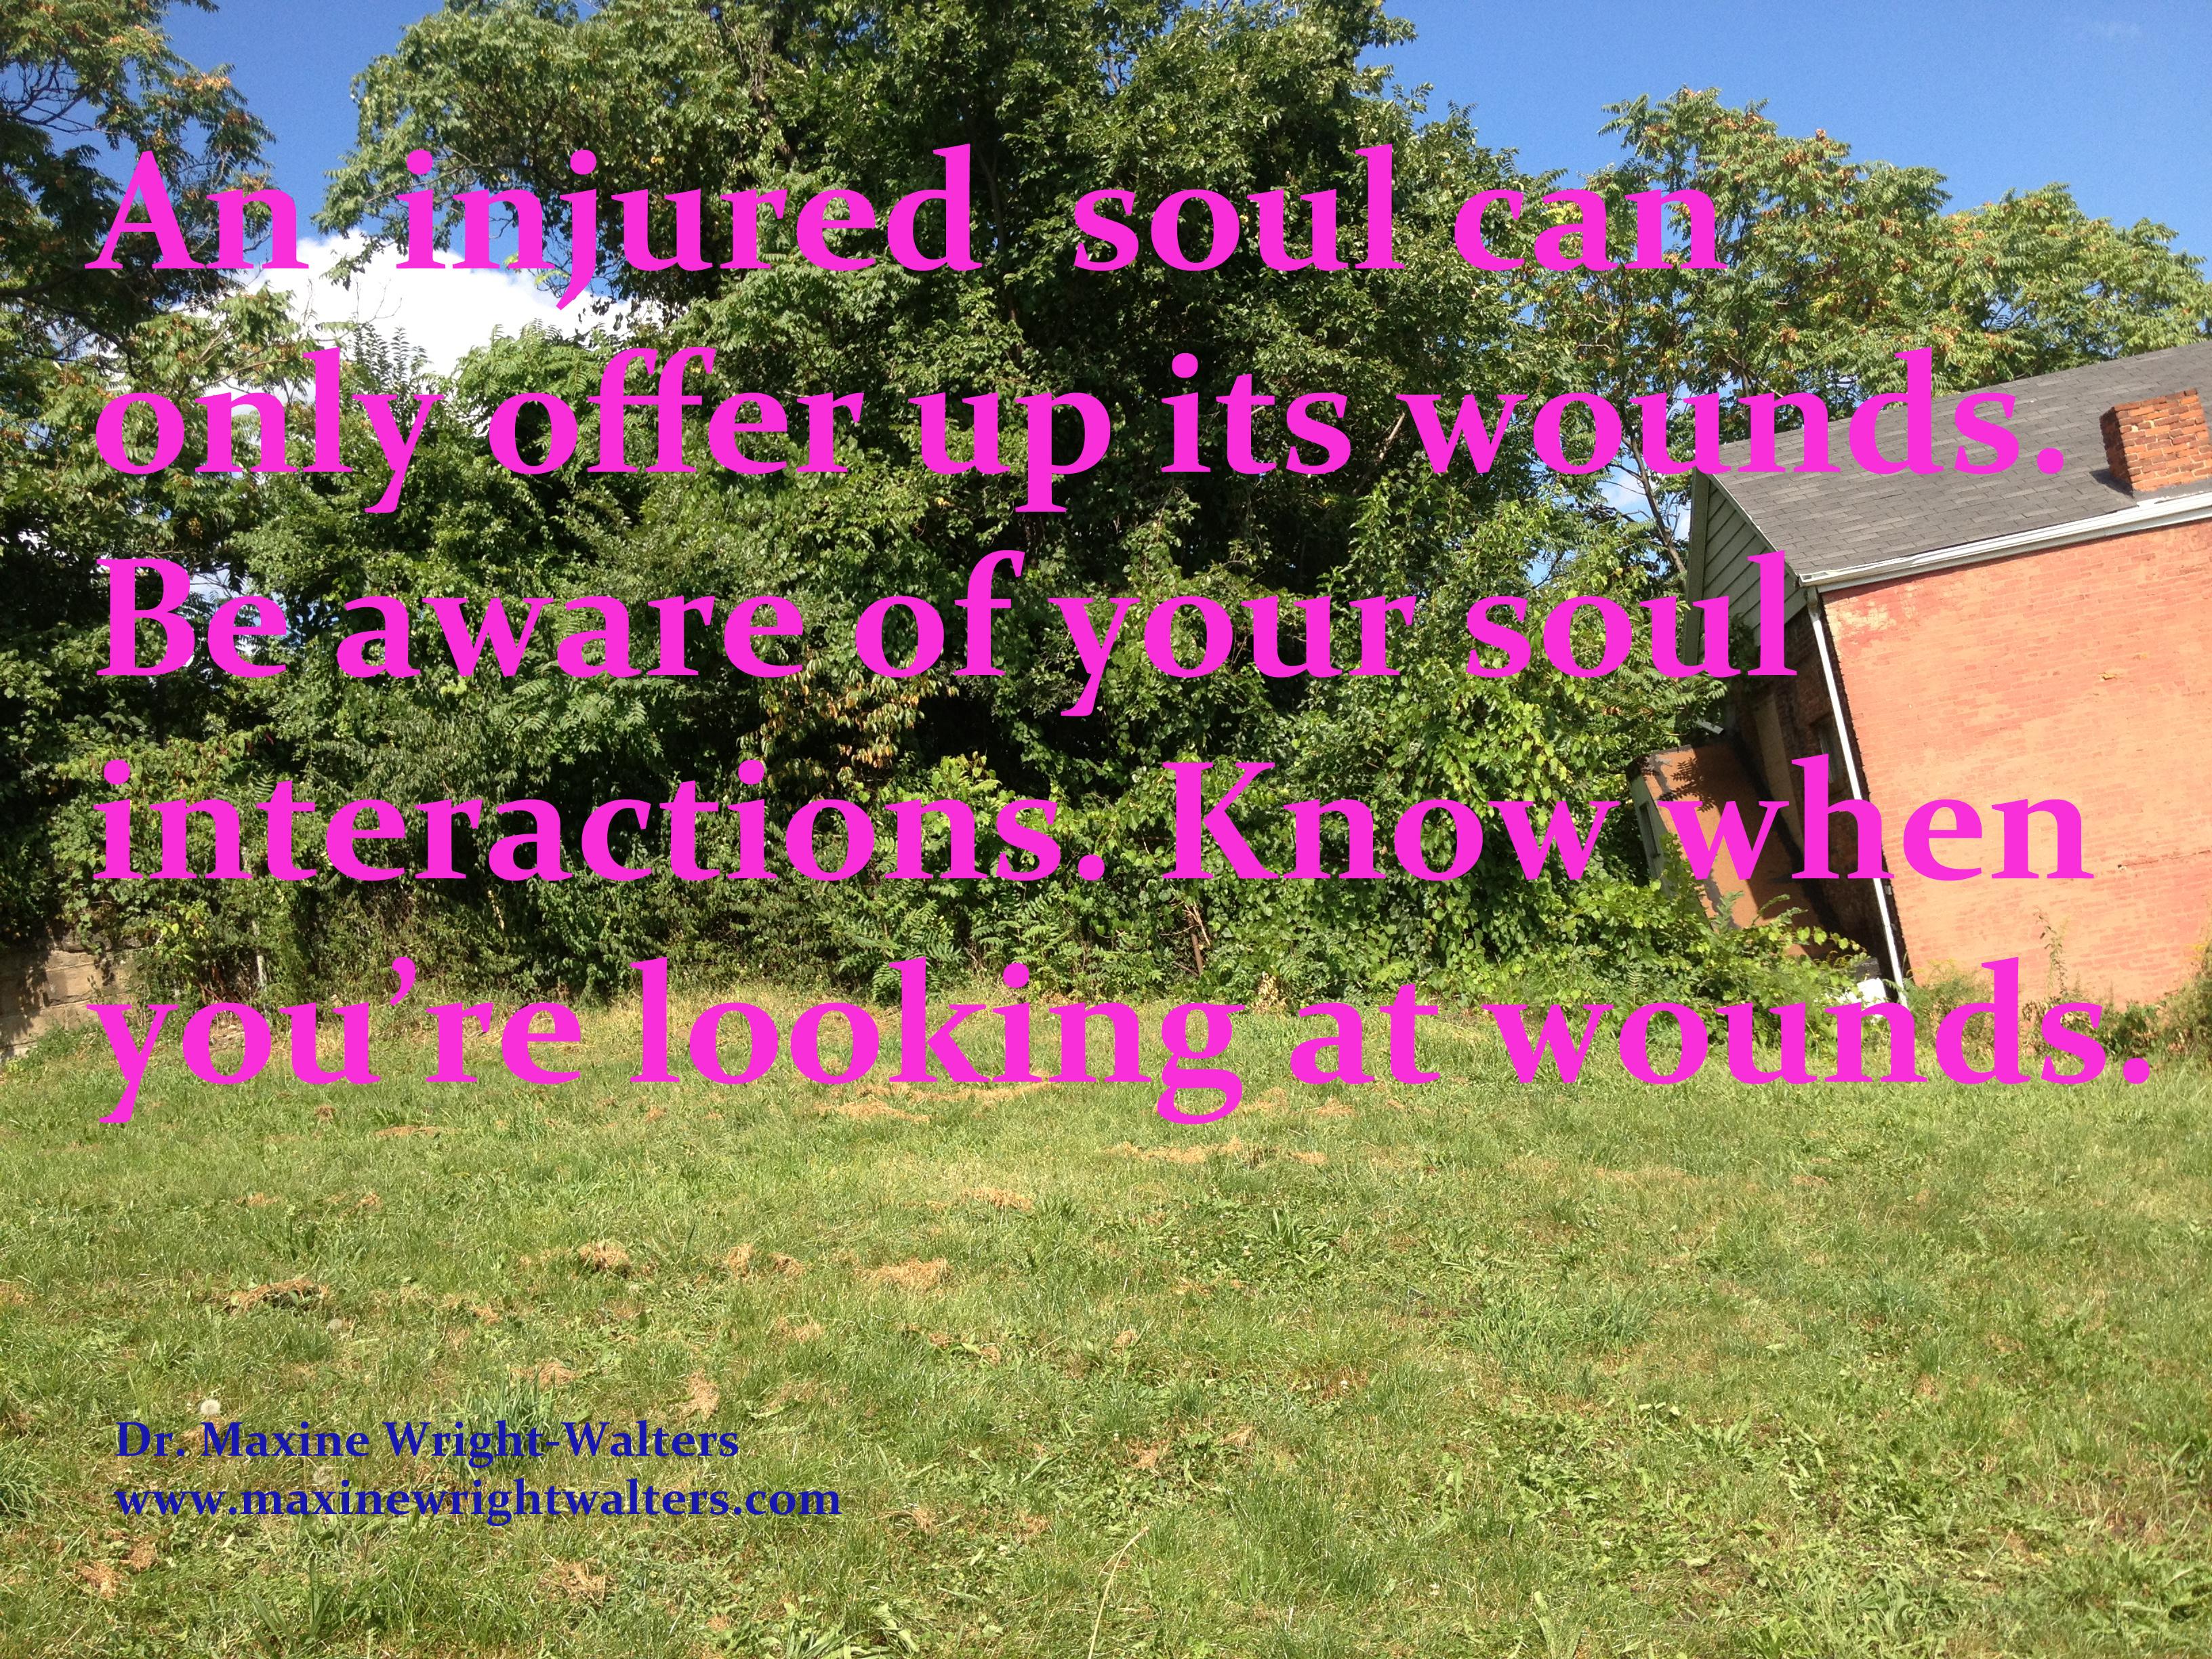 An injured soul